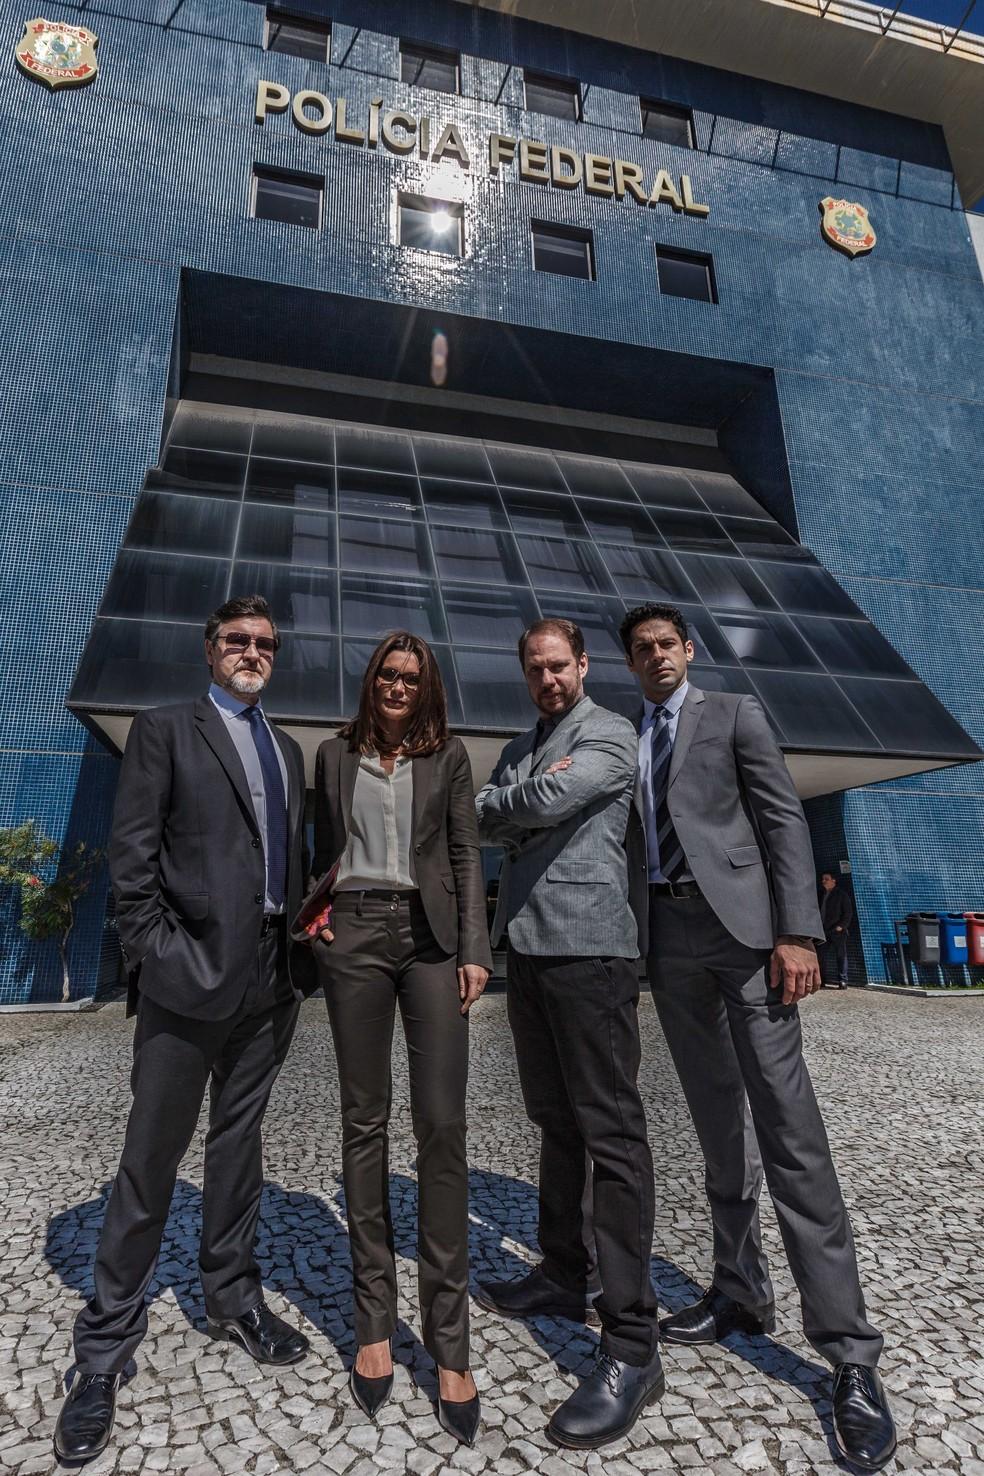 Atores que interpretam os delegados do filme 'Polícia Federal - A Lei É Para Todos' (Foto: Divulgação)